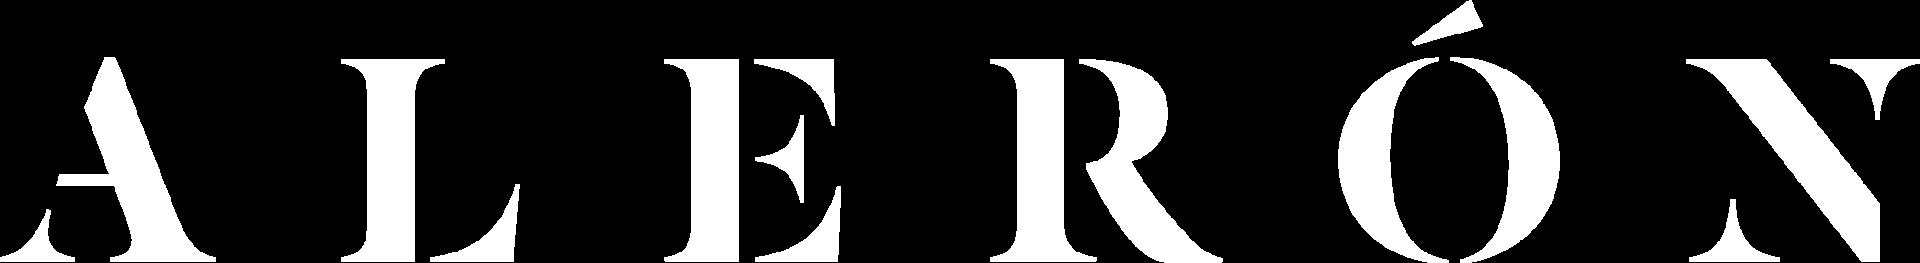 MEZCALALERON